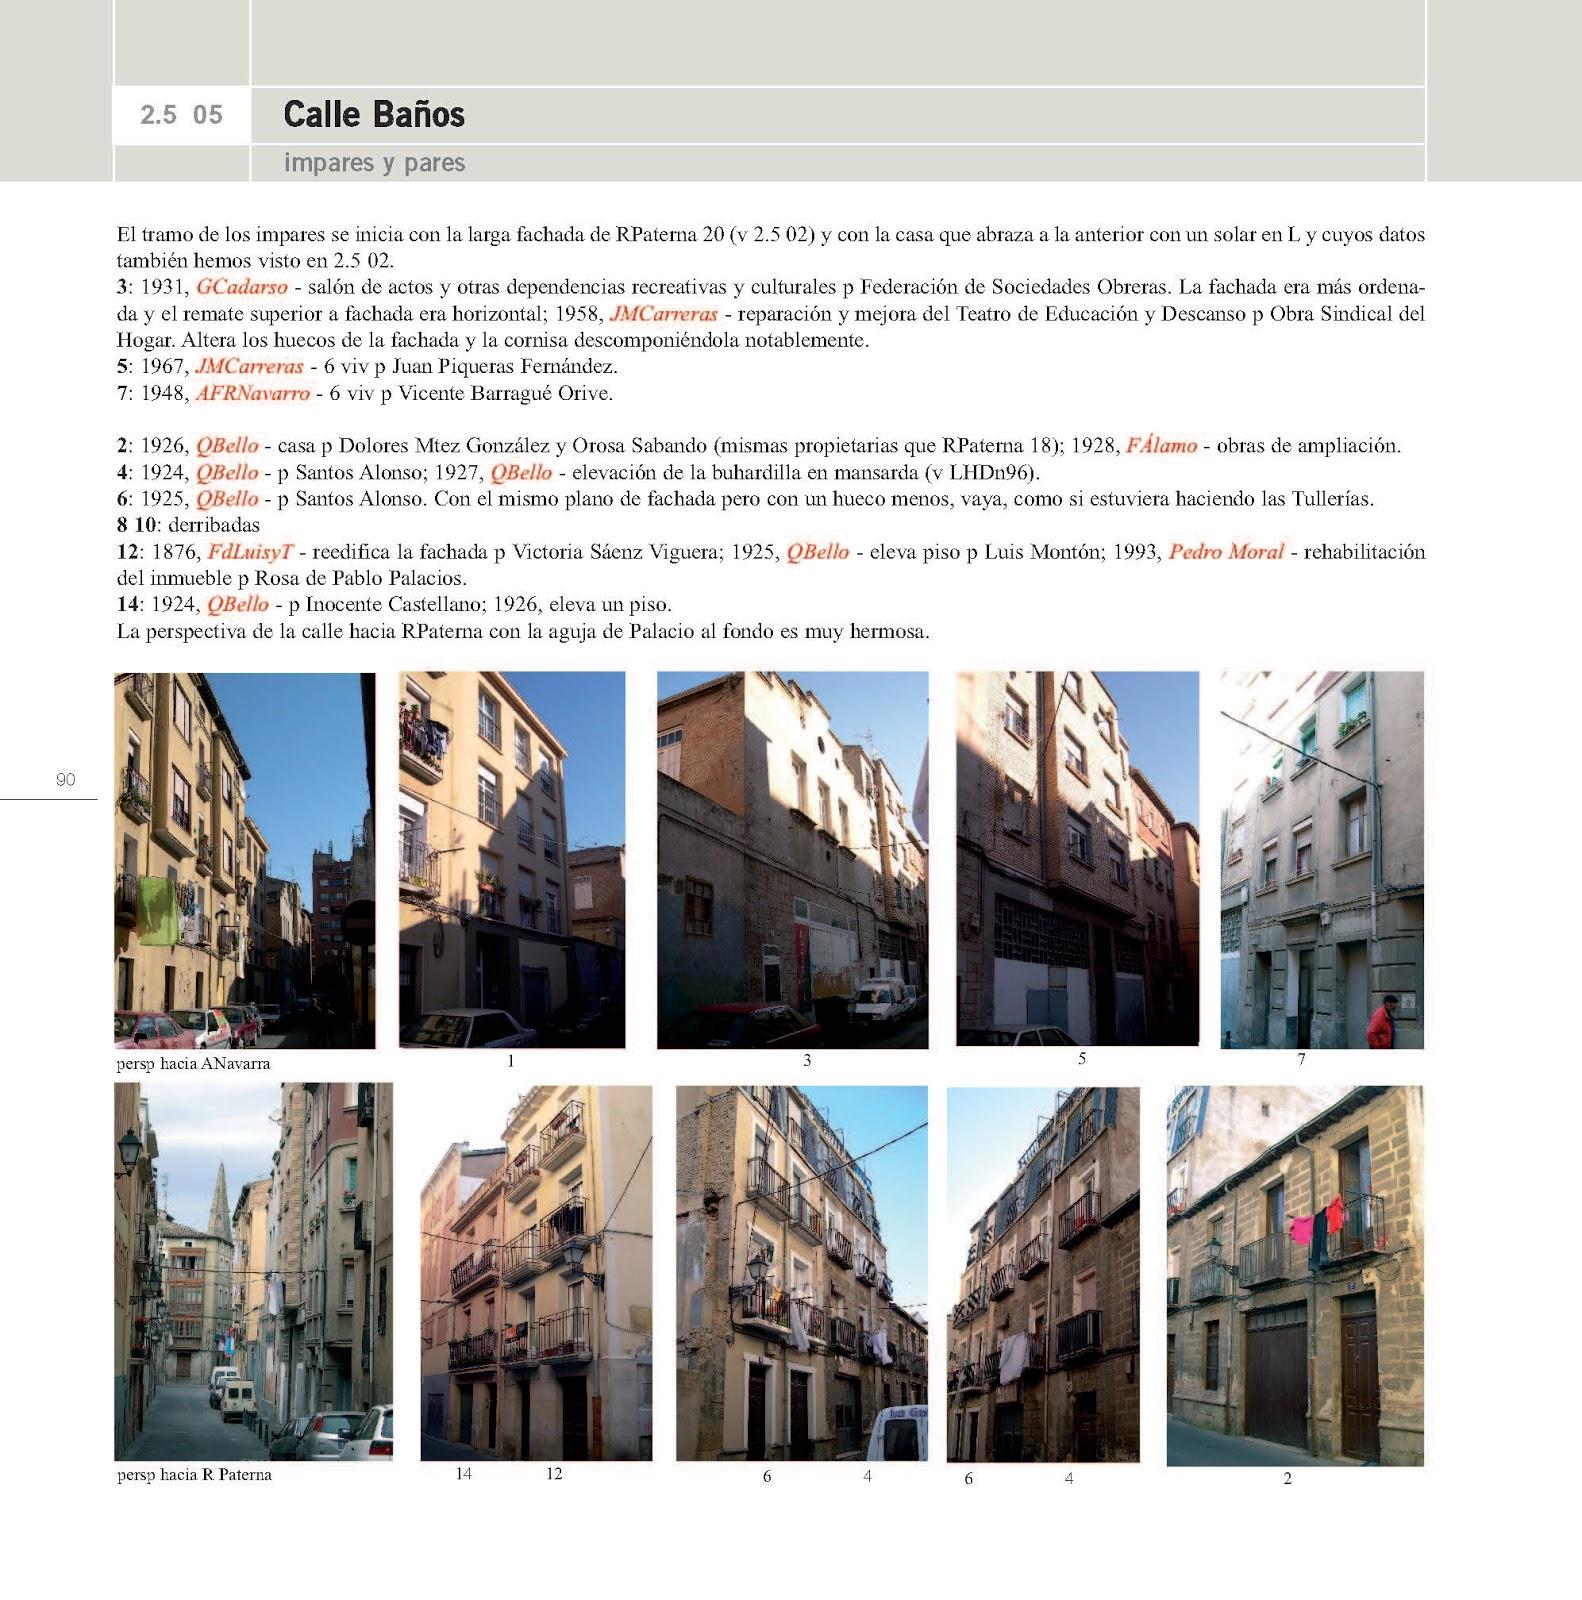 Guia de arquitectura de logro o paginas 2 5 05 calle ba os for Paginas arquitectura